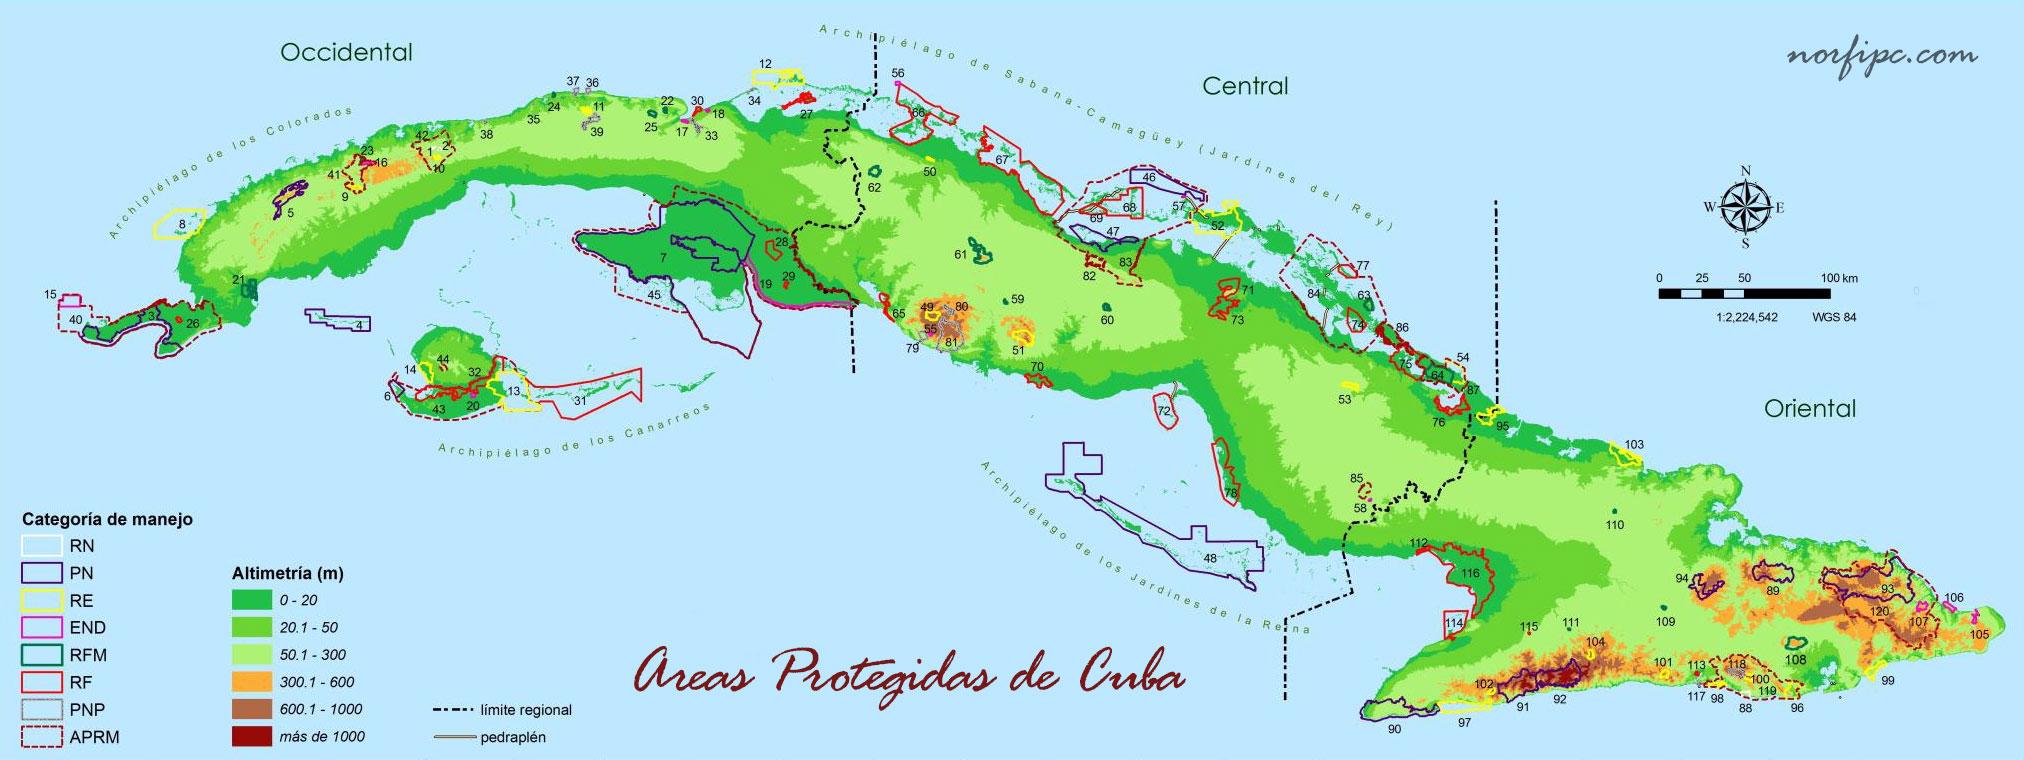 Lista de todas las Áreas Protegidas de Cuba con su ubicación